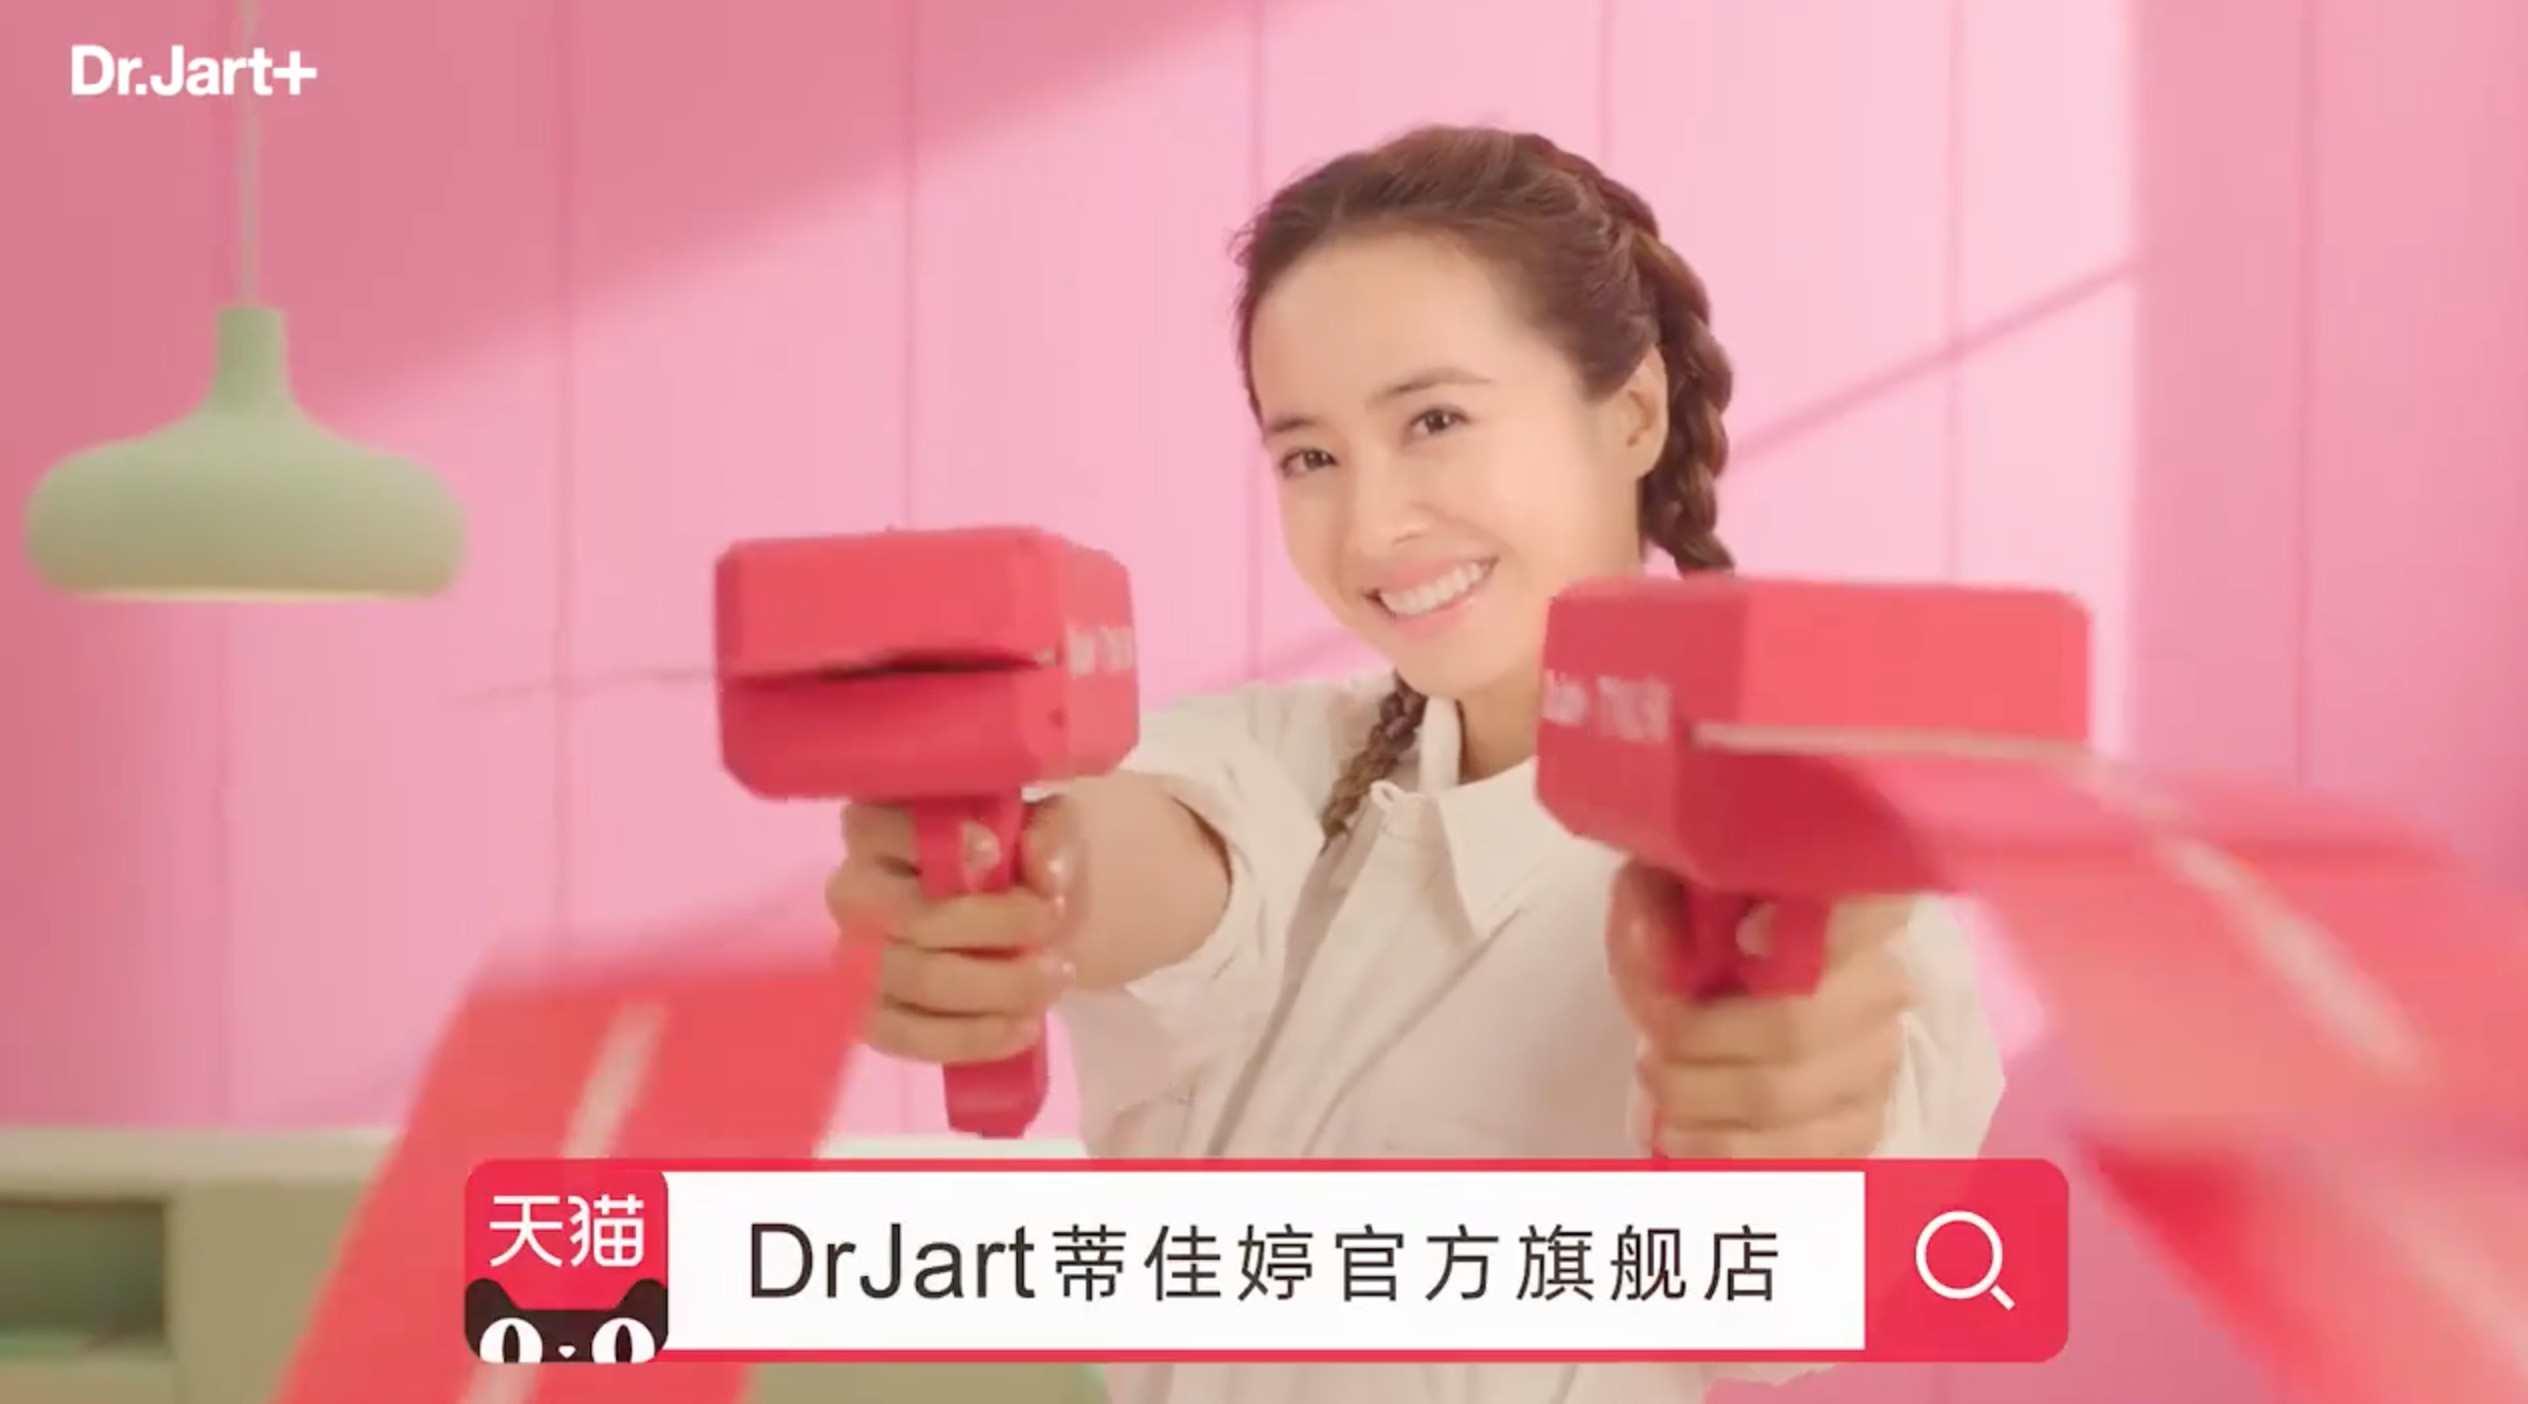 Dr.Jart+蒂佳婷 - 雙11購物節活動宣傳